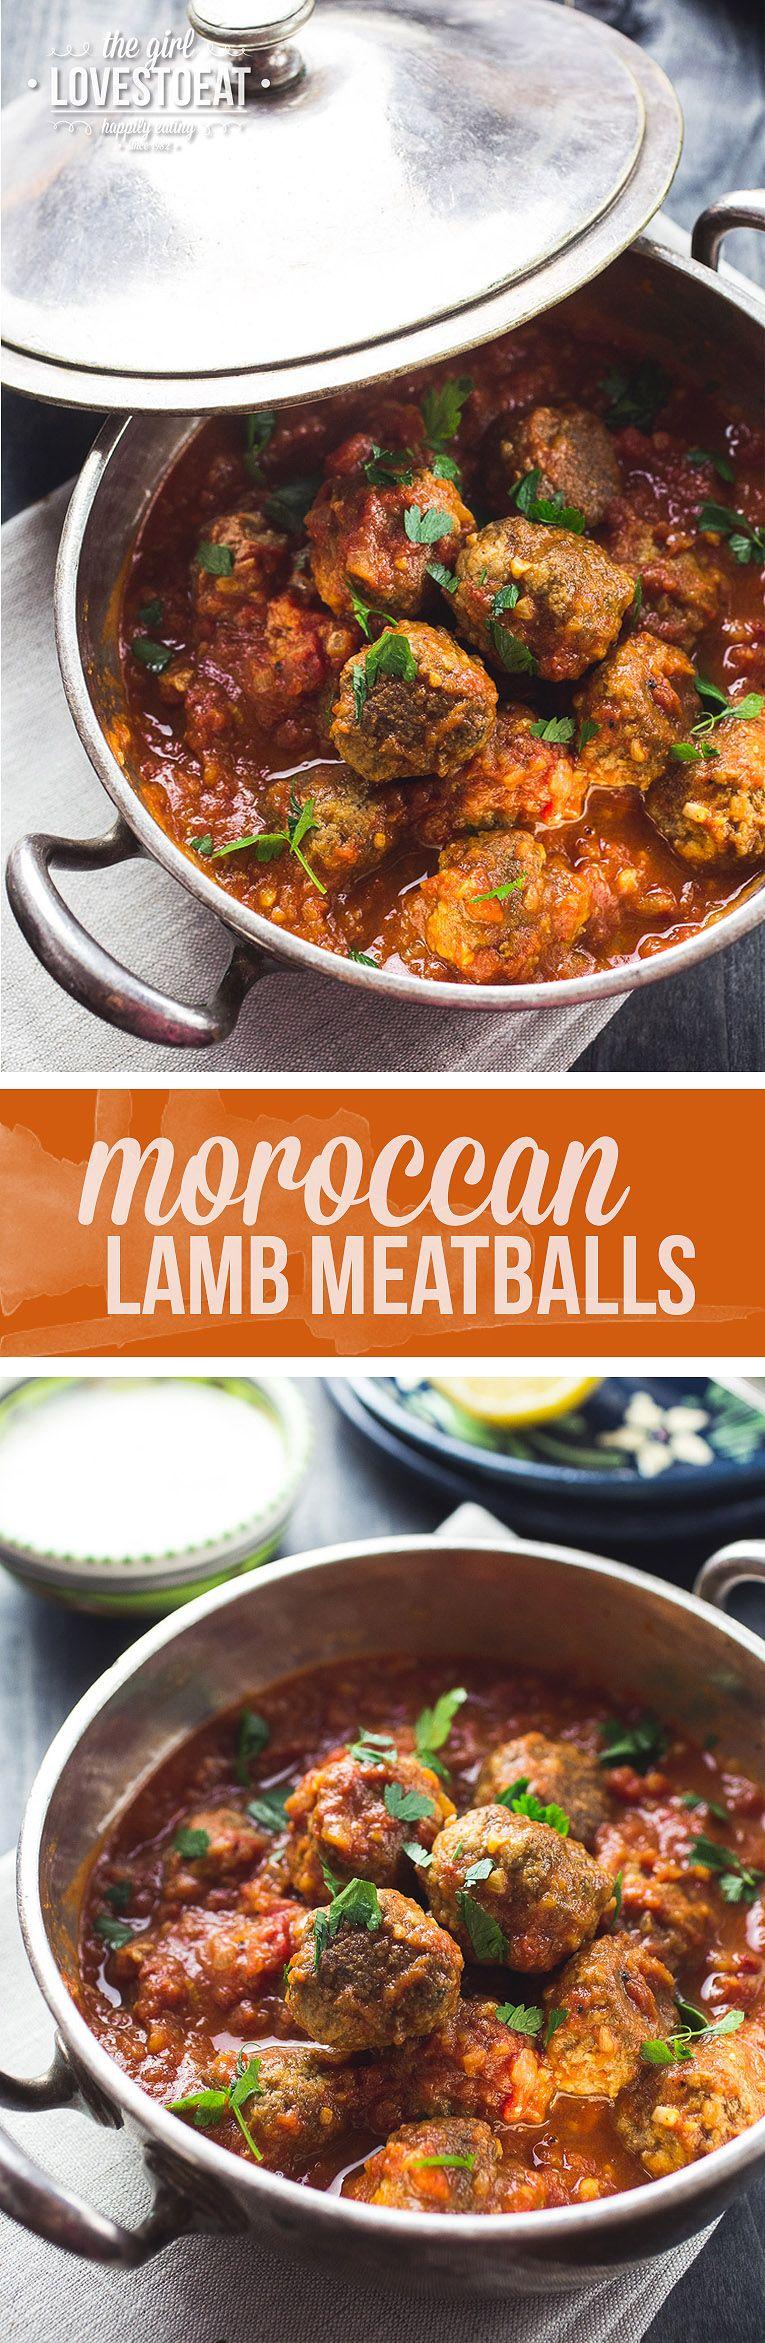 Moroccan Lamb Meatballs Recipe Jamie Oliver Lamb Meatballs